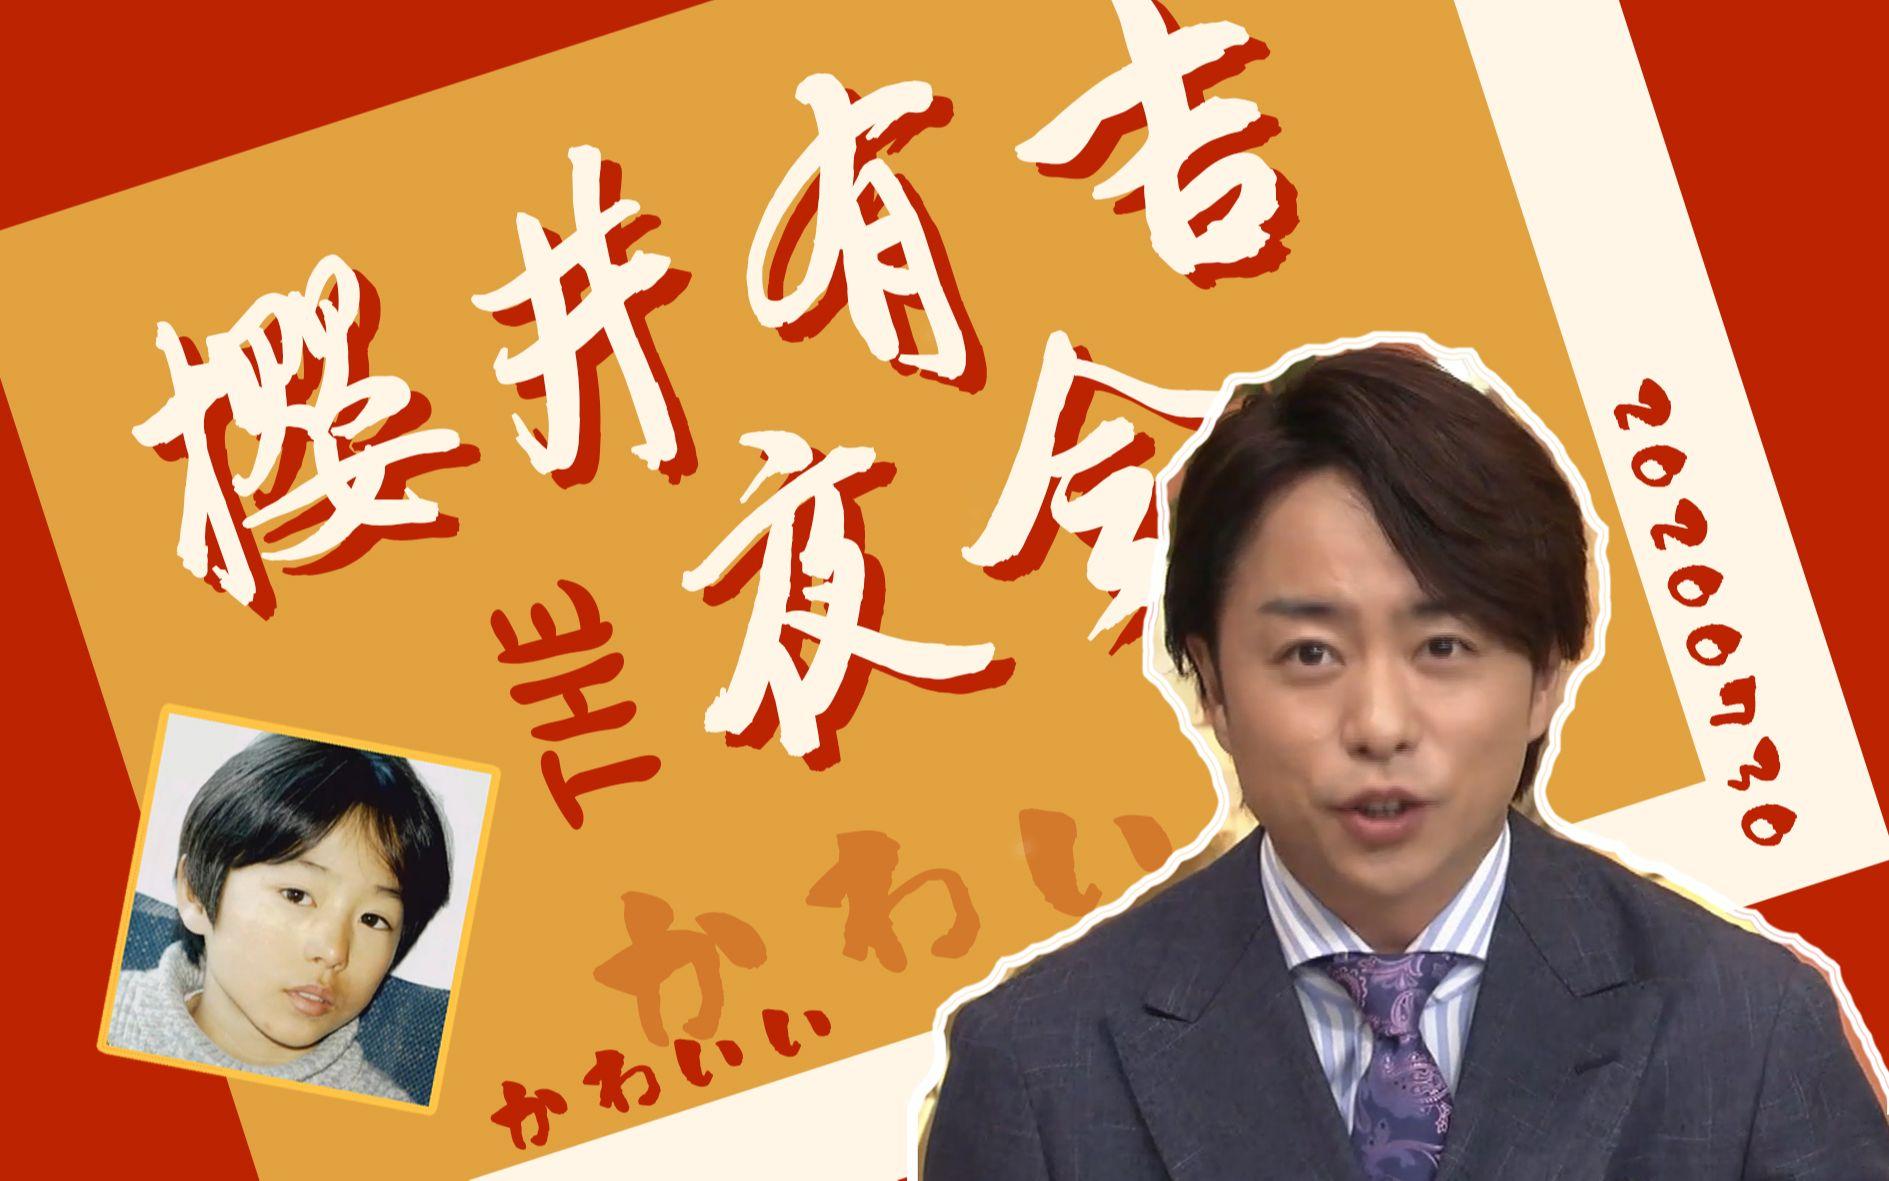 【周四晚与小樱约会】200730【中字】 200730 字幕版